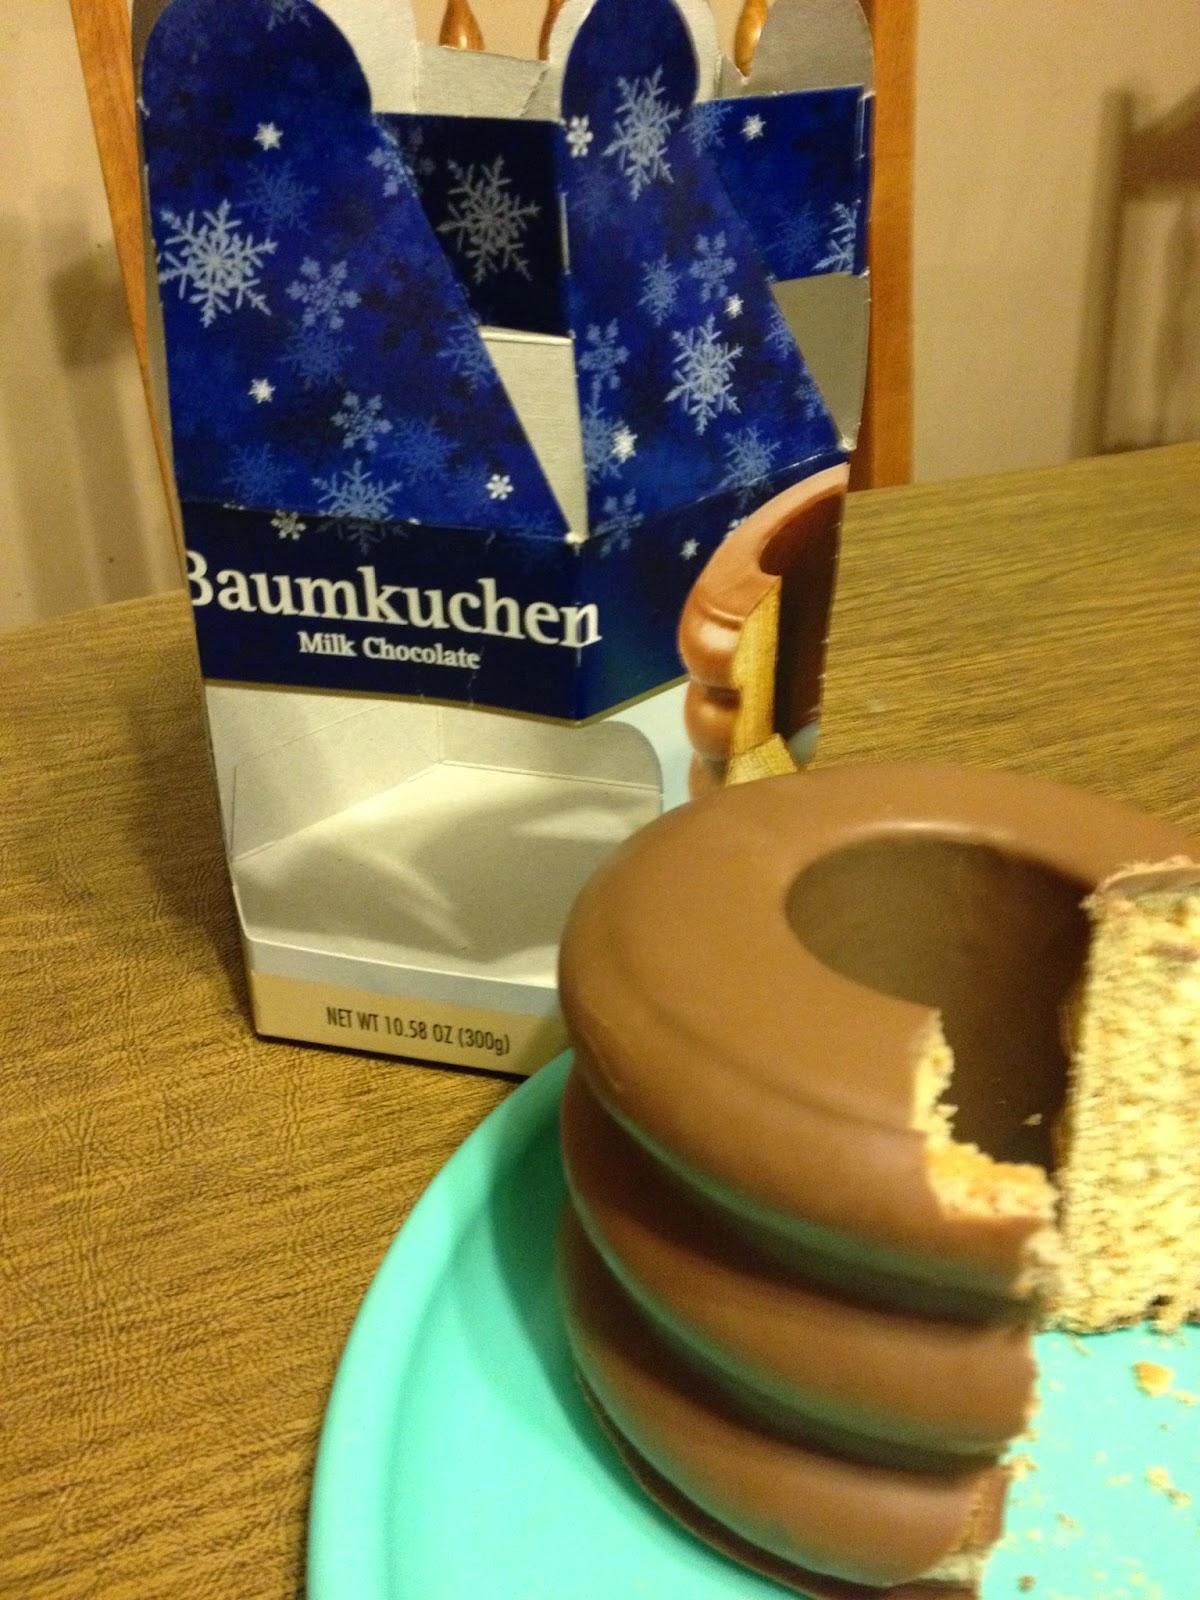 Deutsche Kche Baumkuechen from Aldi